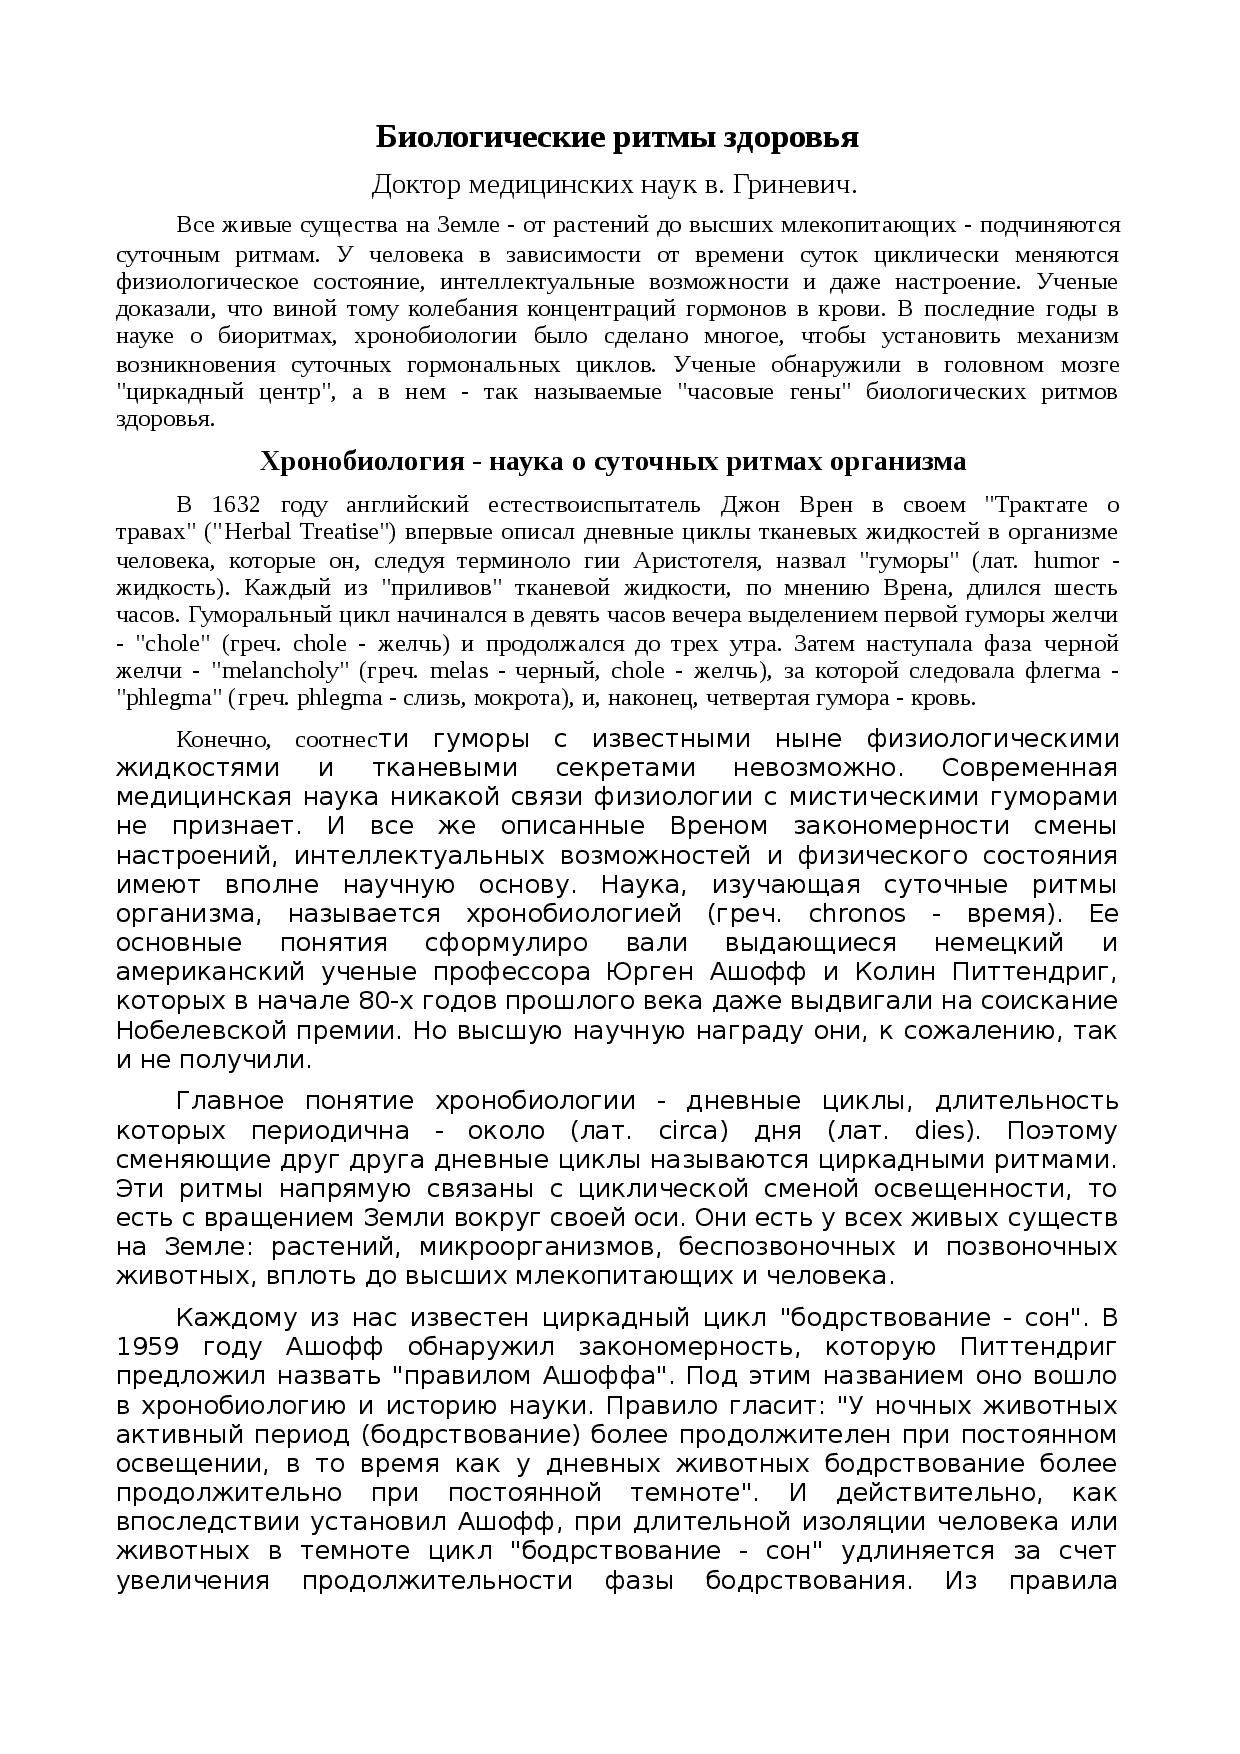 Виды биологических ритмов (стр. 1 из 2)